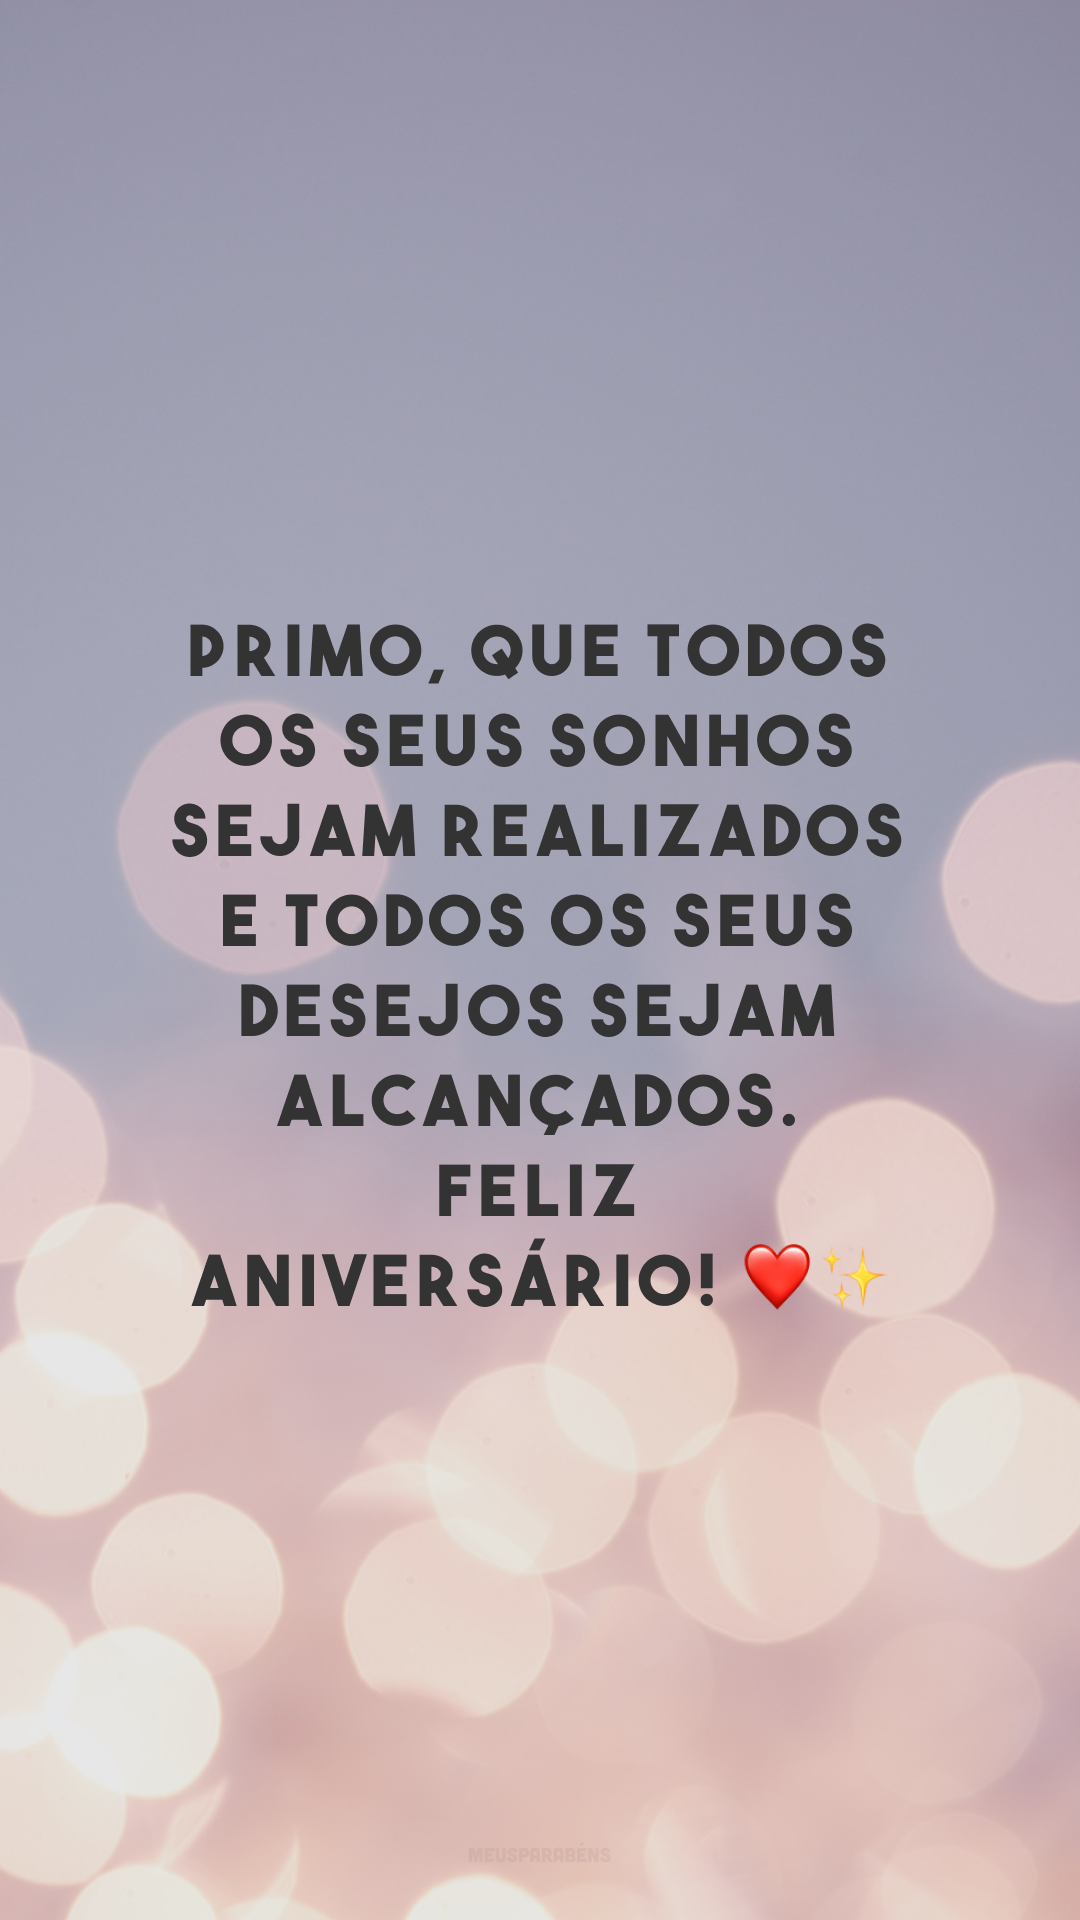 Primo, que todos os seus sonhos sejam realizados e todos os seus desejos sejam alcançados. Feliz aniversário! ❤✨